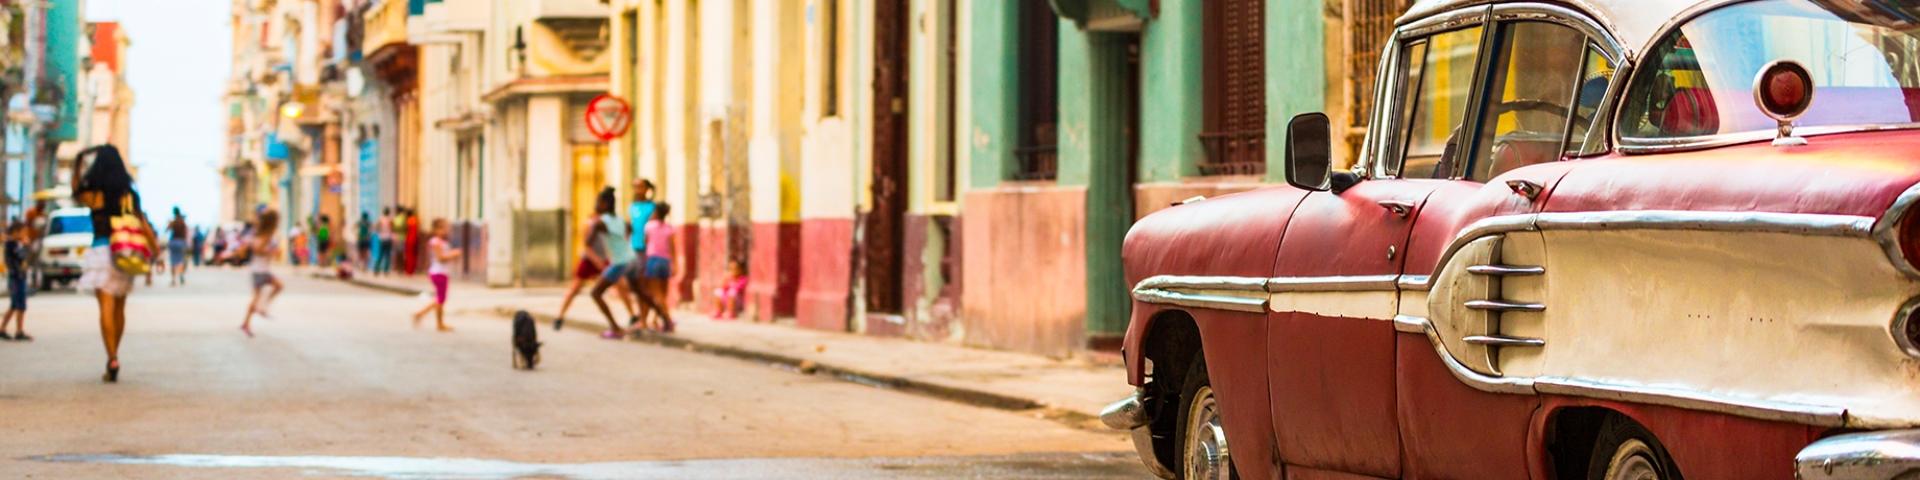 Paquetes a Cuba